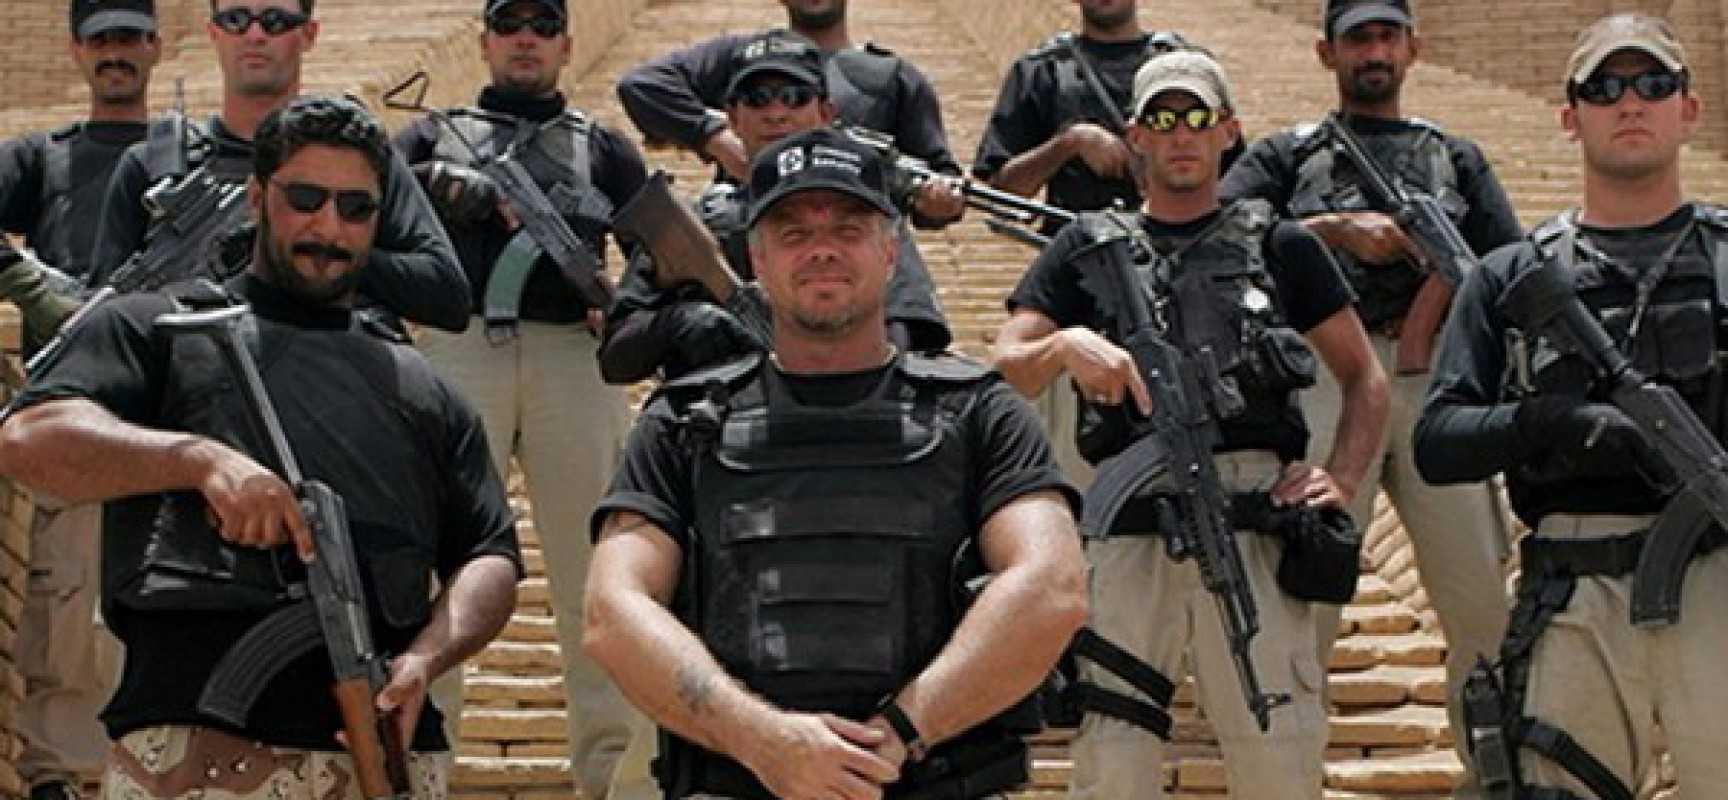 ABD´nin Suriye´nin kuzeydoğusundaki Araplardan oluşacak orduyu Blackwater  kuracak - Dünya Fotoları12 - | AKŞAM